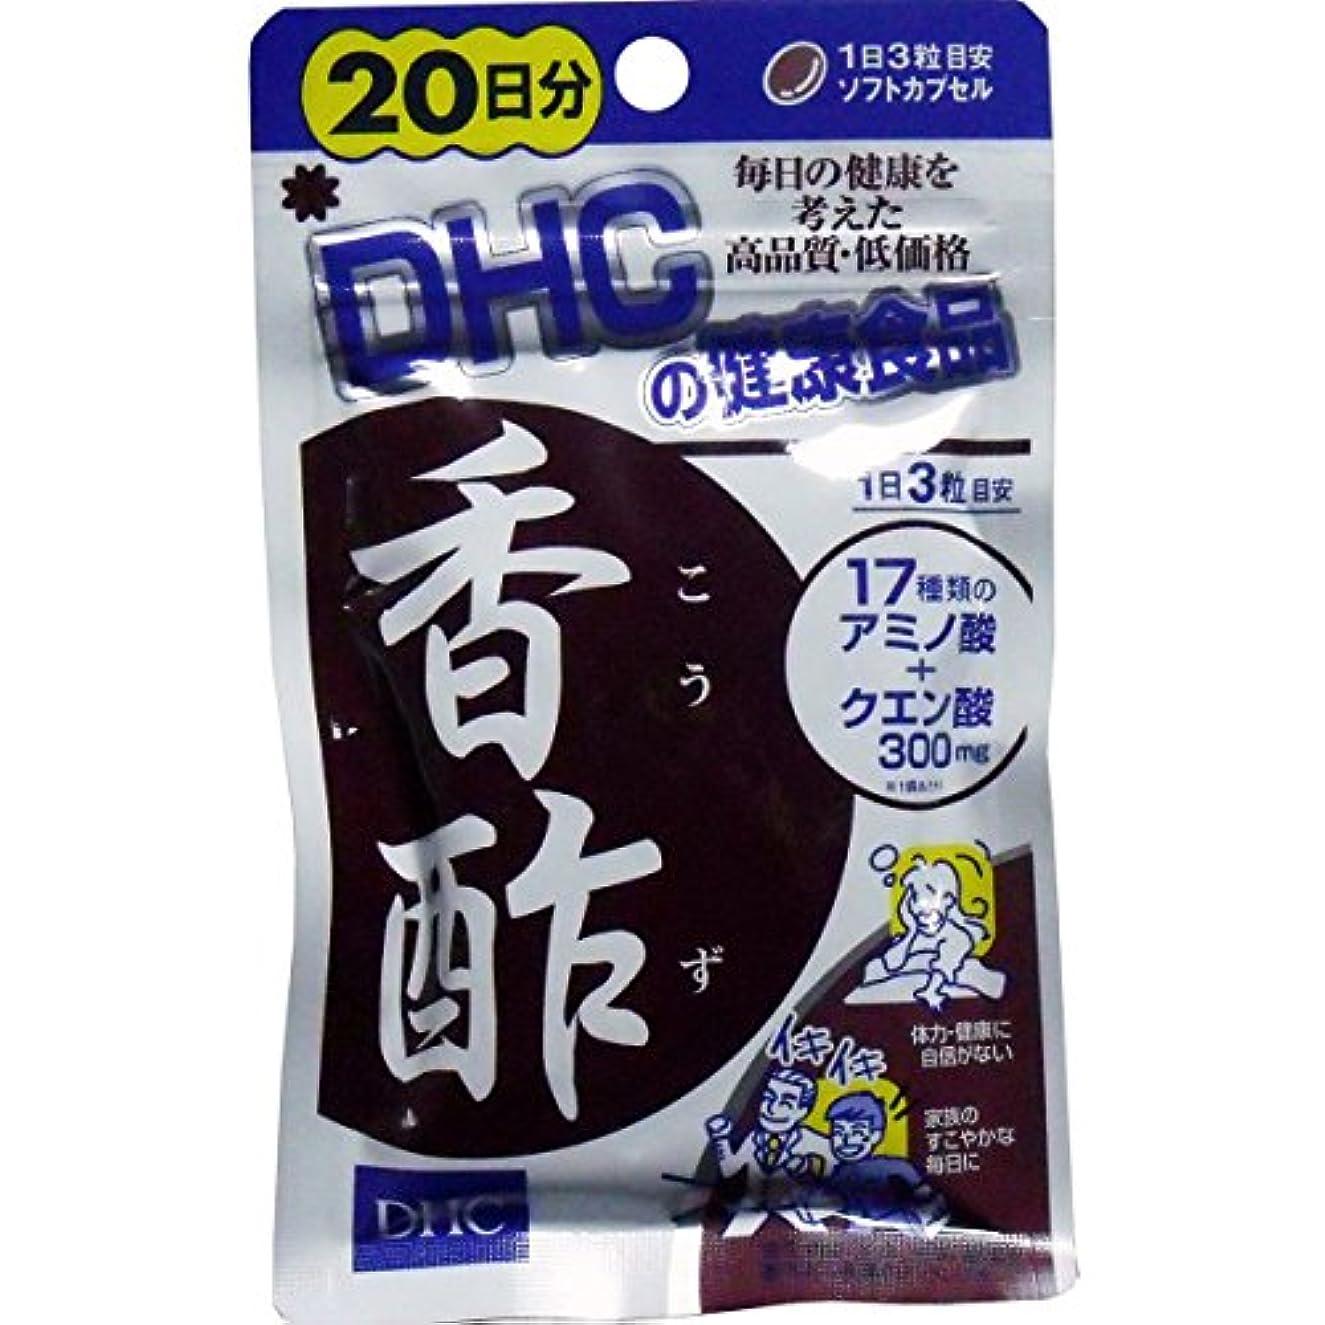 サプリ 健康食品 香酢 酢 パワー DHC アミノ酸たっぷりの禄豊香酢を手軽に!20日分 60粒入【3個セット】